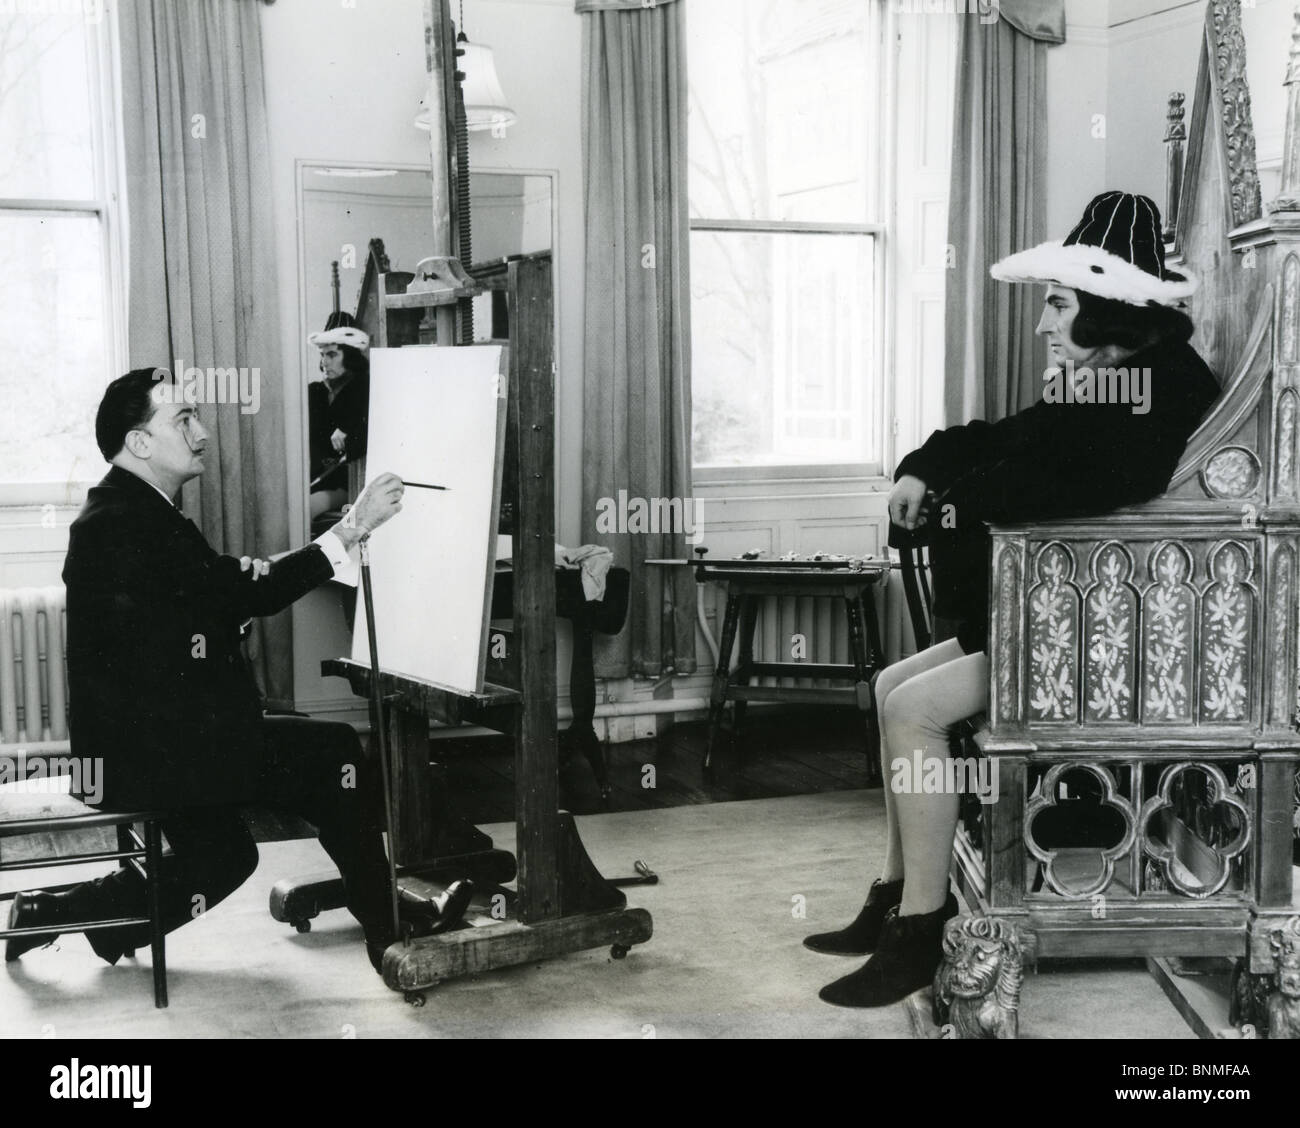 SALVADOR DALI (1984-89) spanische Künstler Zeichnung Laurence Olivier als Richard III. Stockfoto